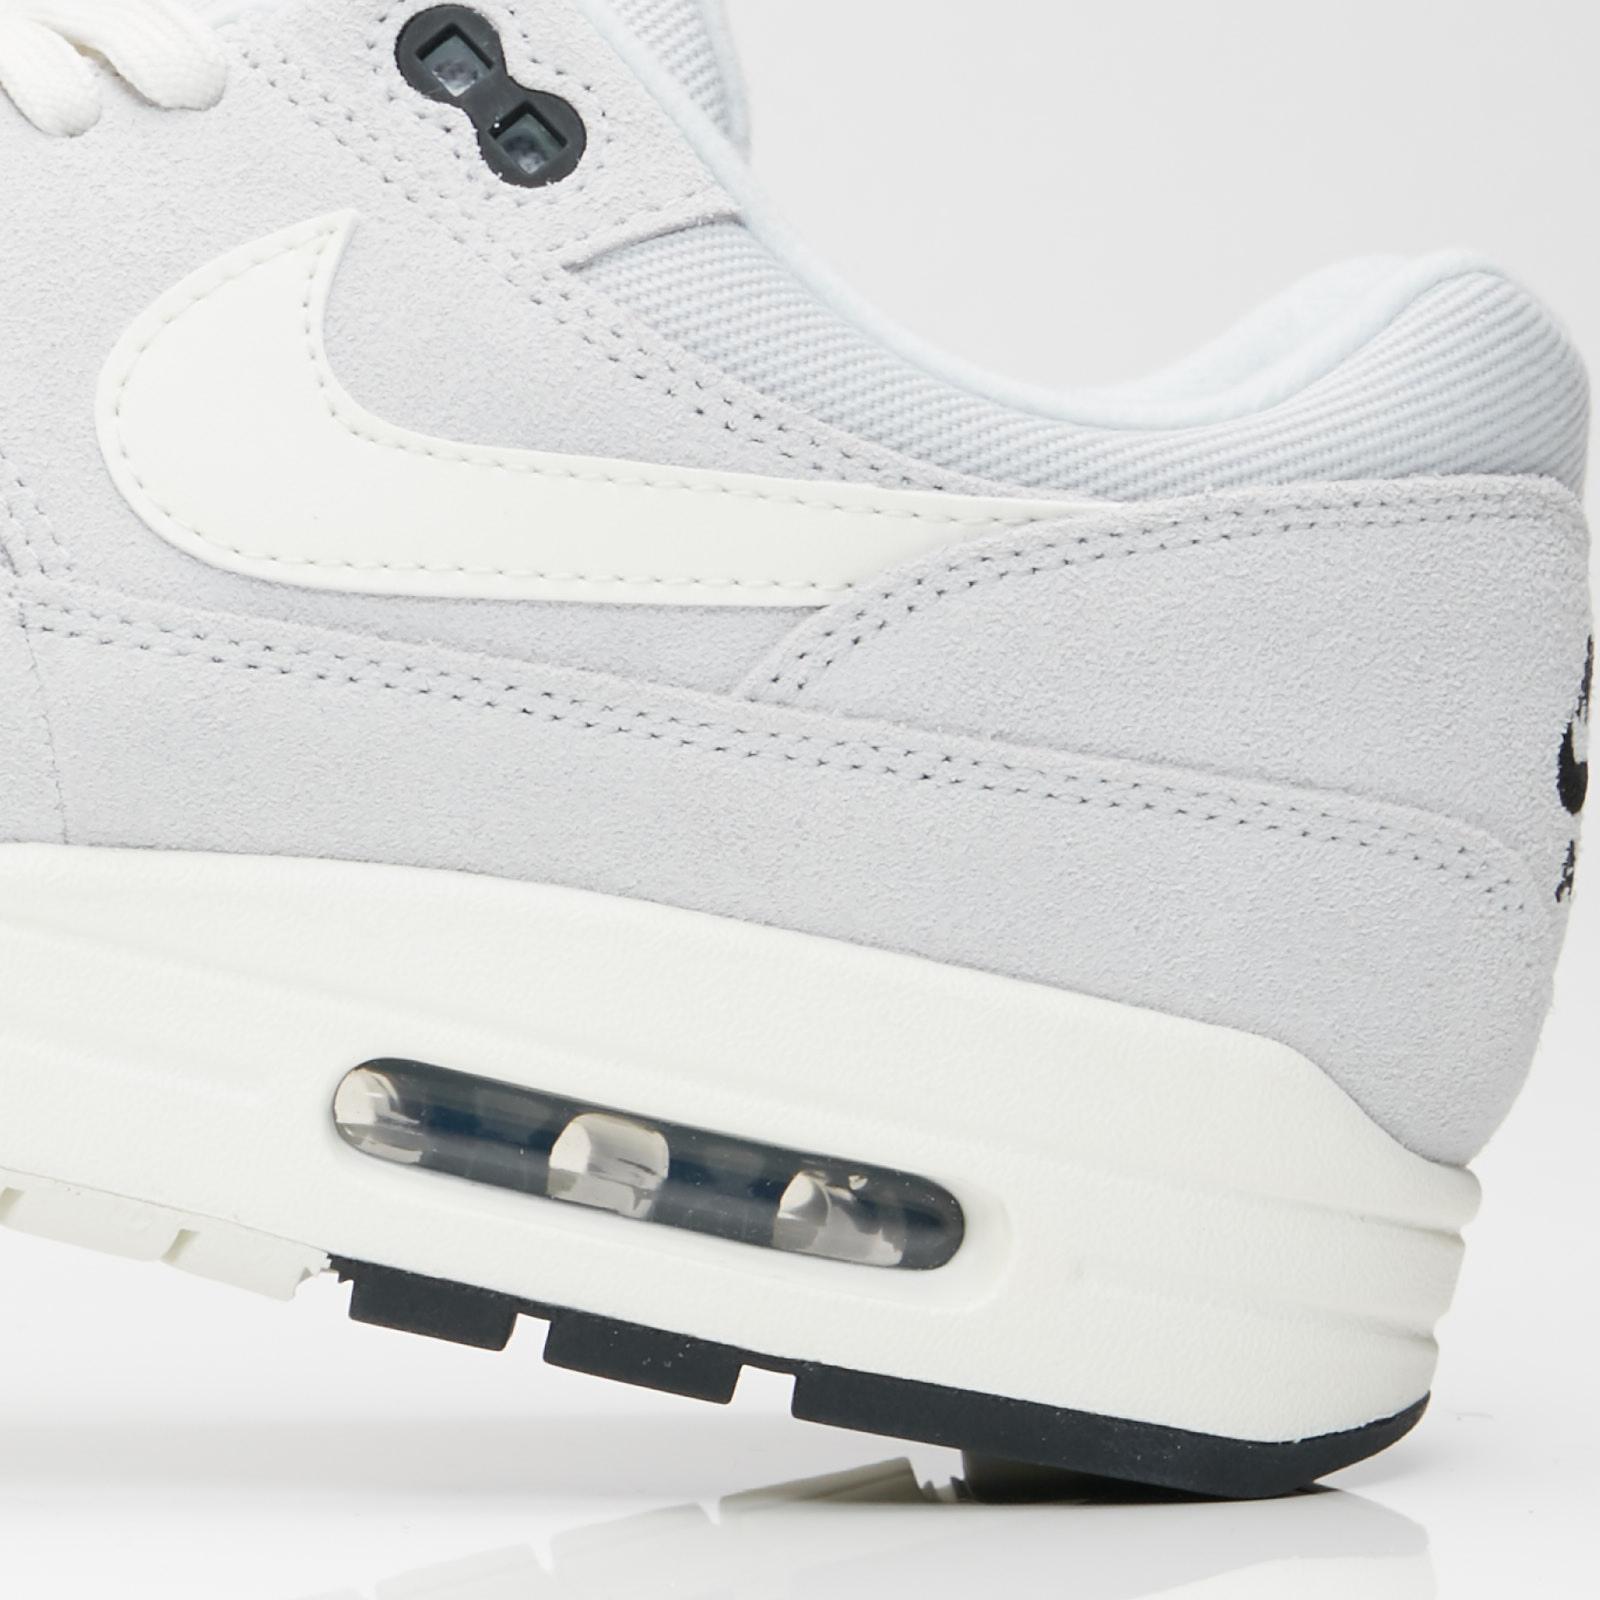 buy online 25140 84c84 Nike Sportswear Air Max 1 Premium - 6. Close